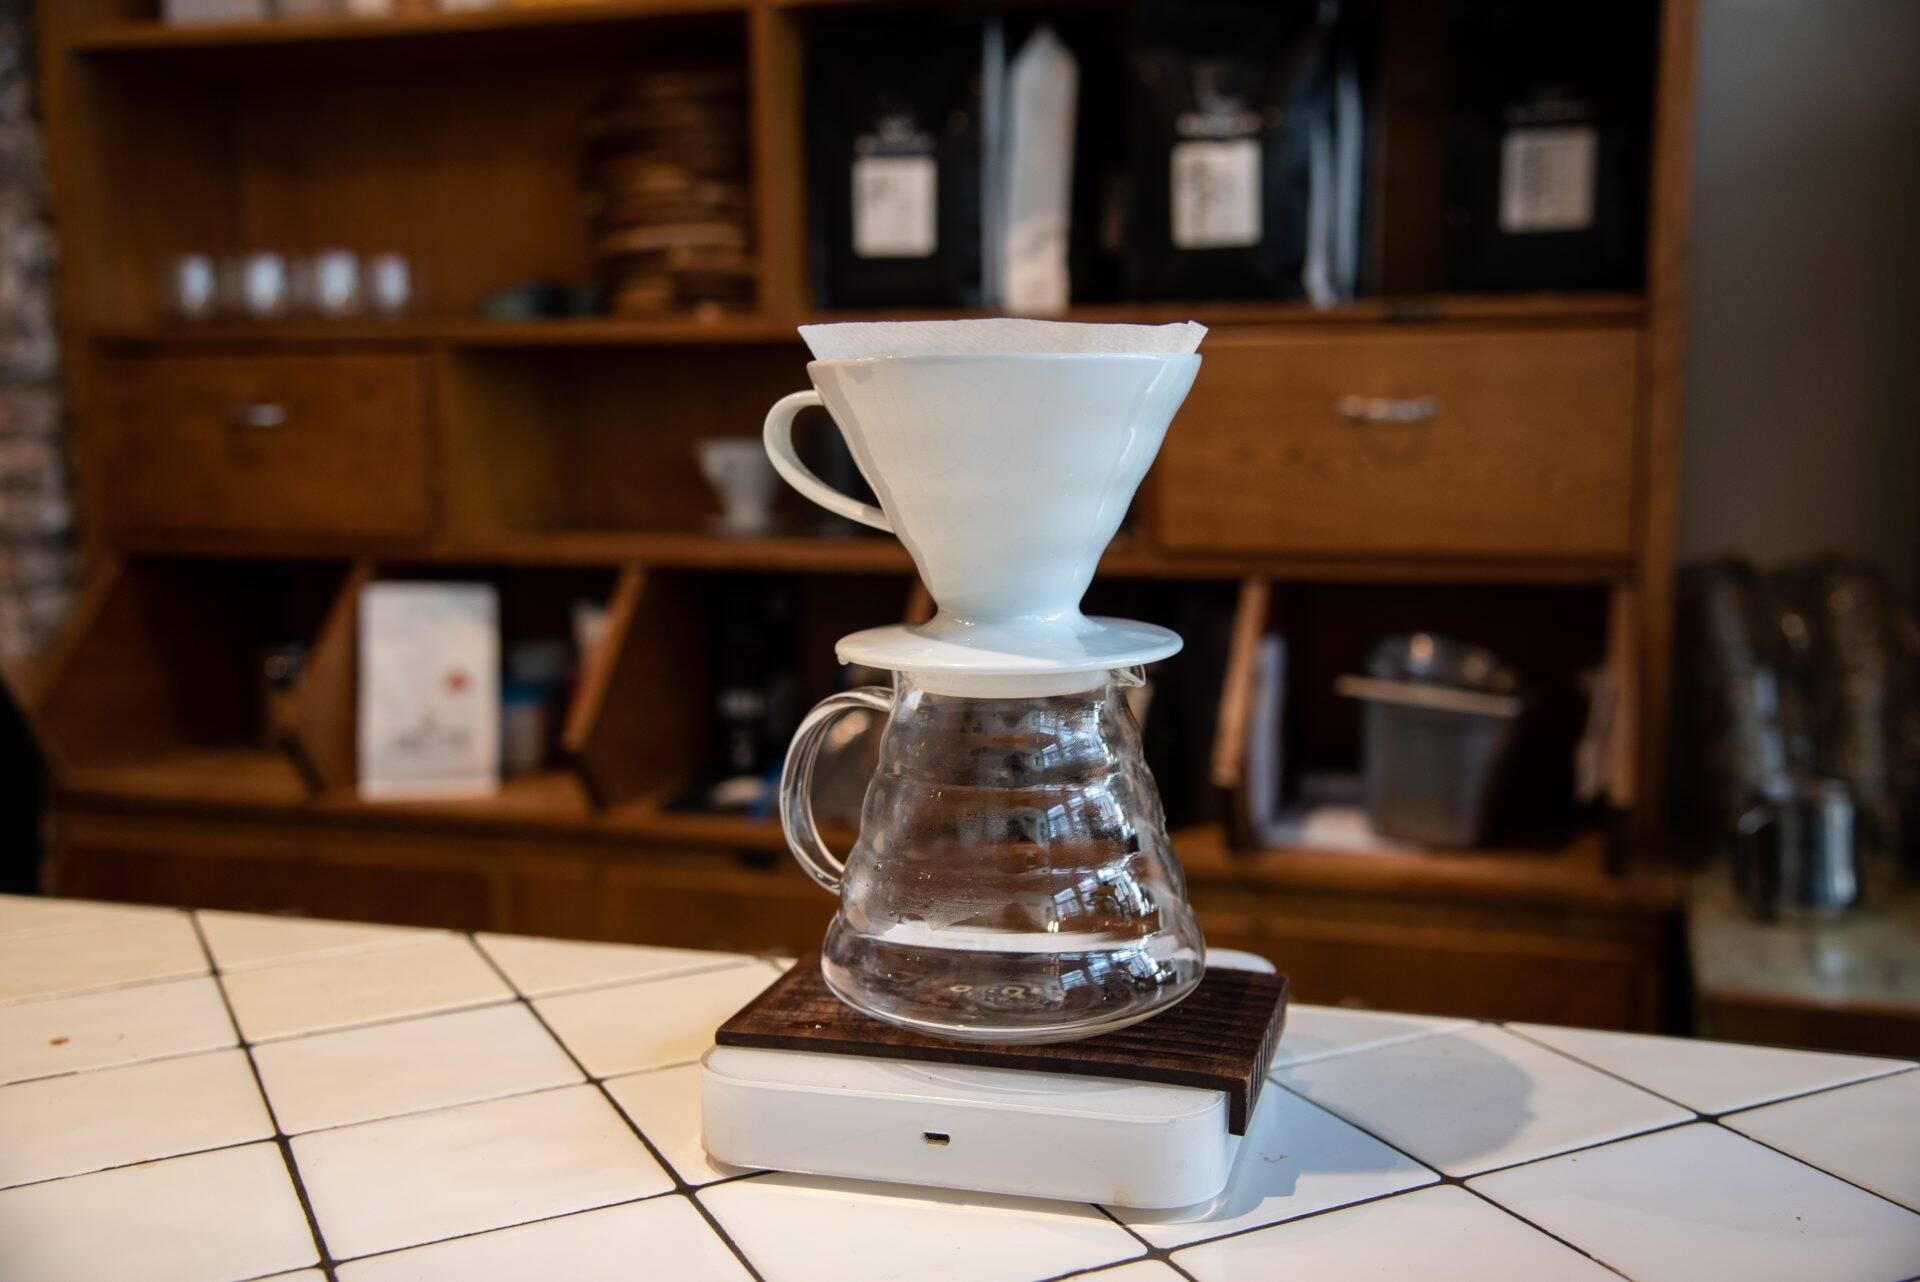 V60 - Koffie zetmethode